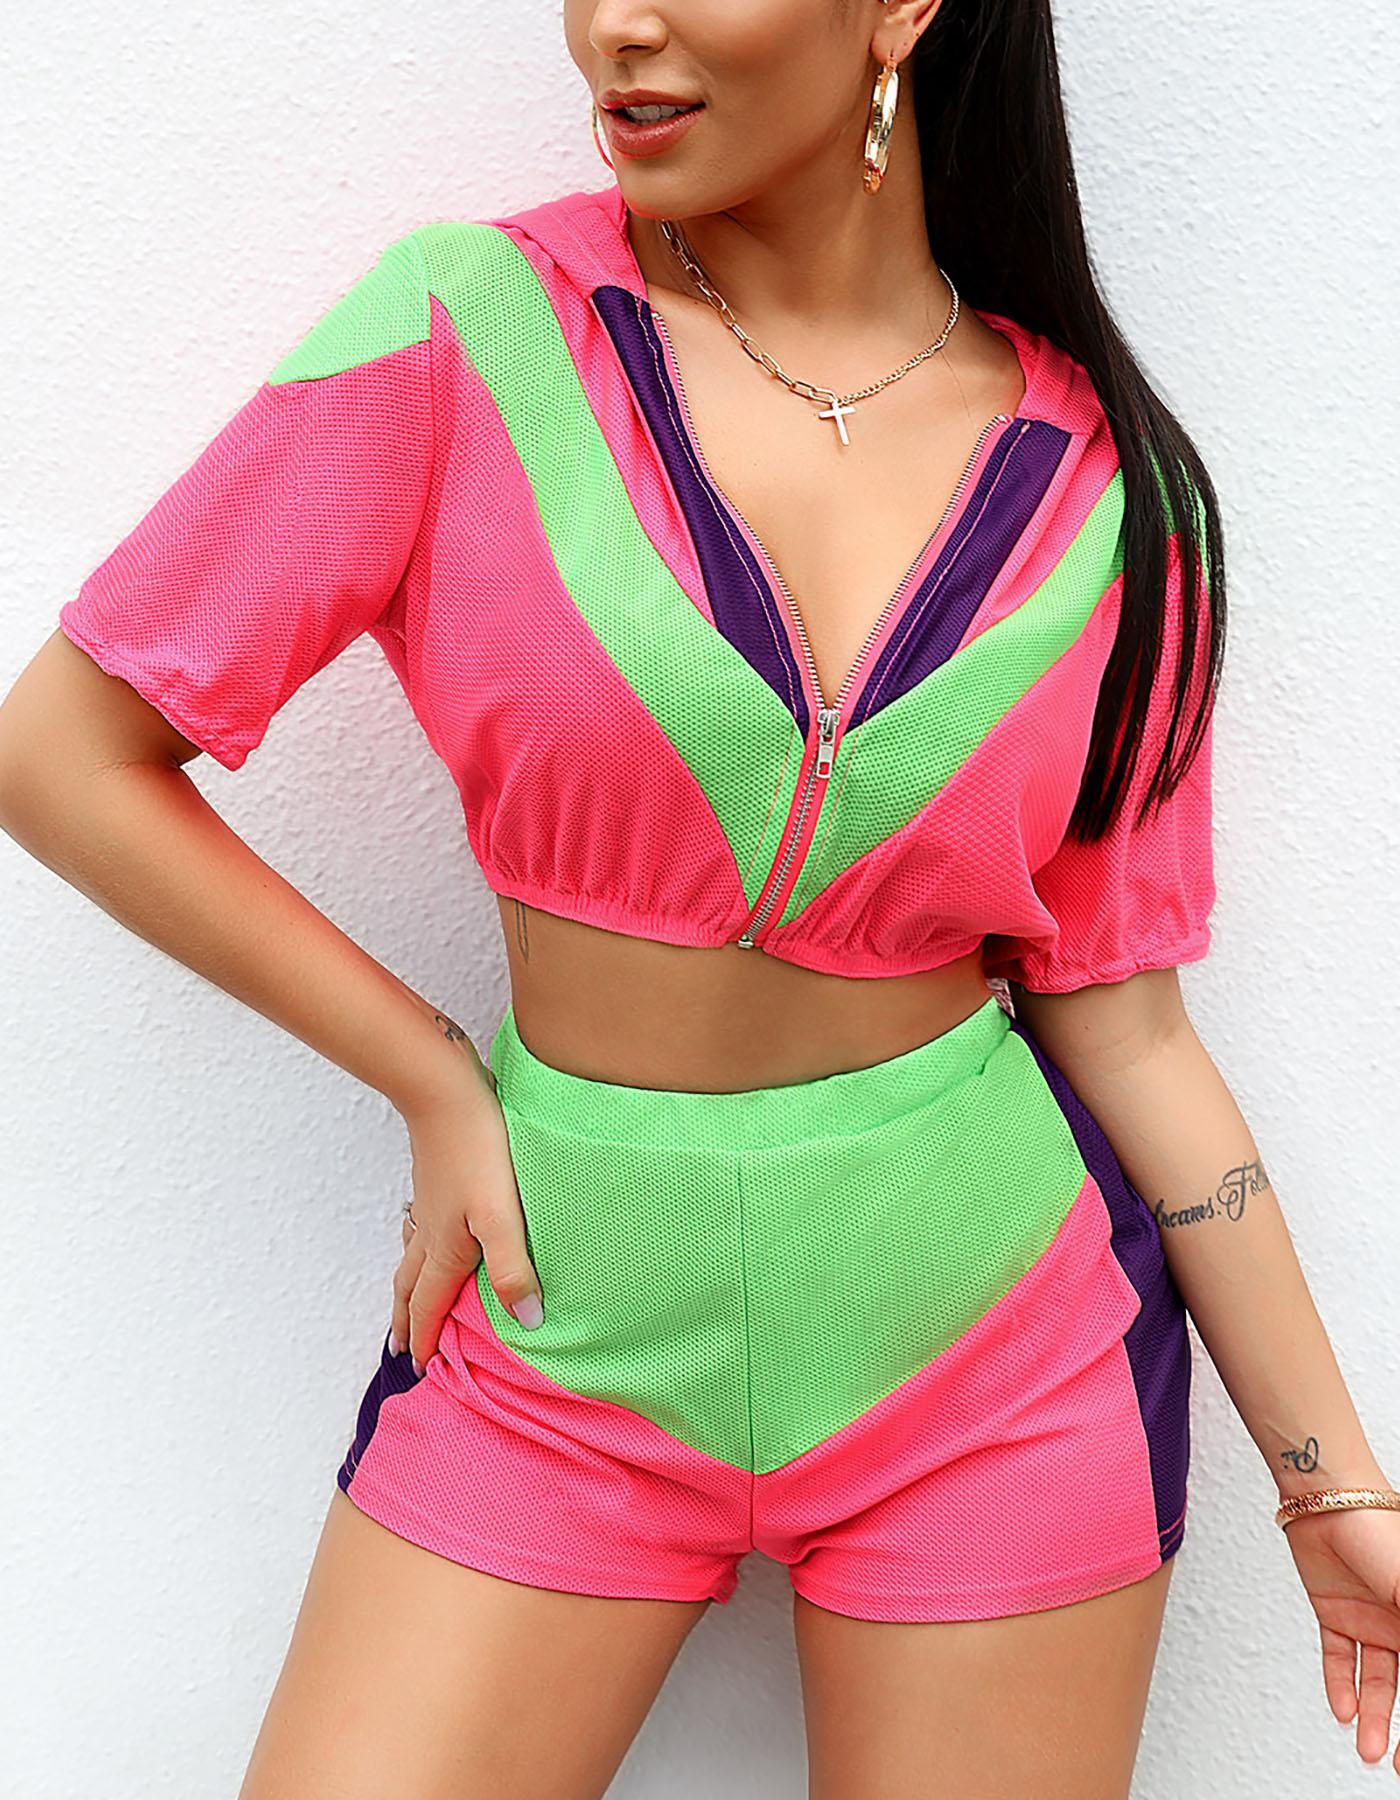 boutiquefeel / Terno de malha multicolor de costura de malha